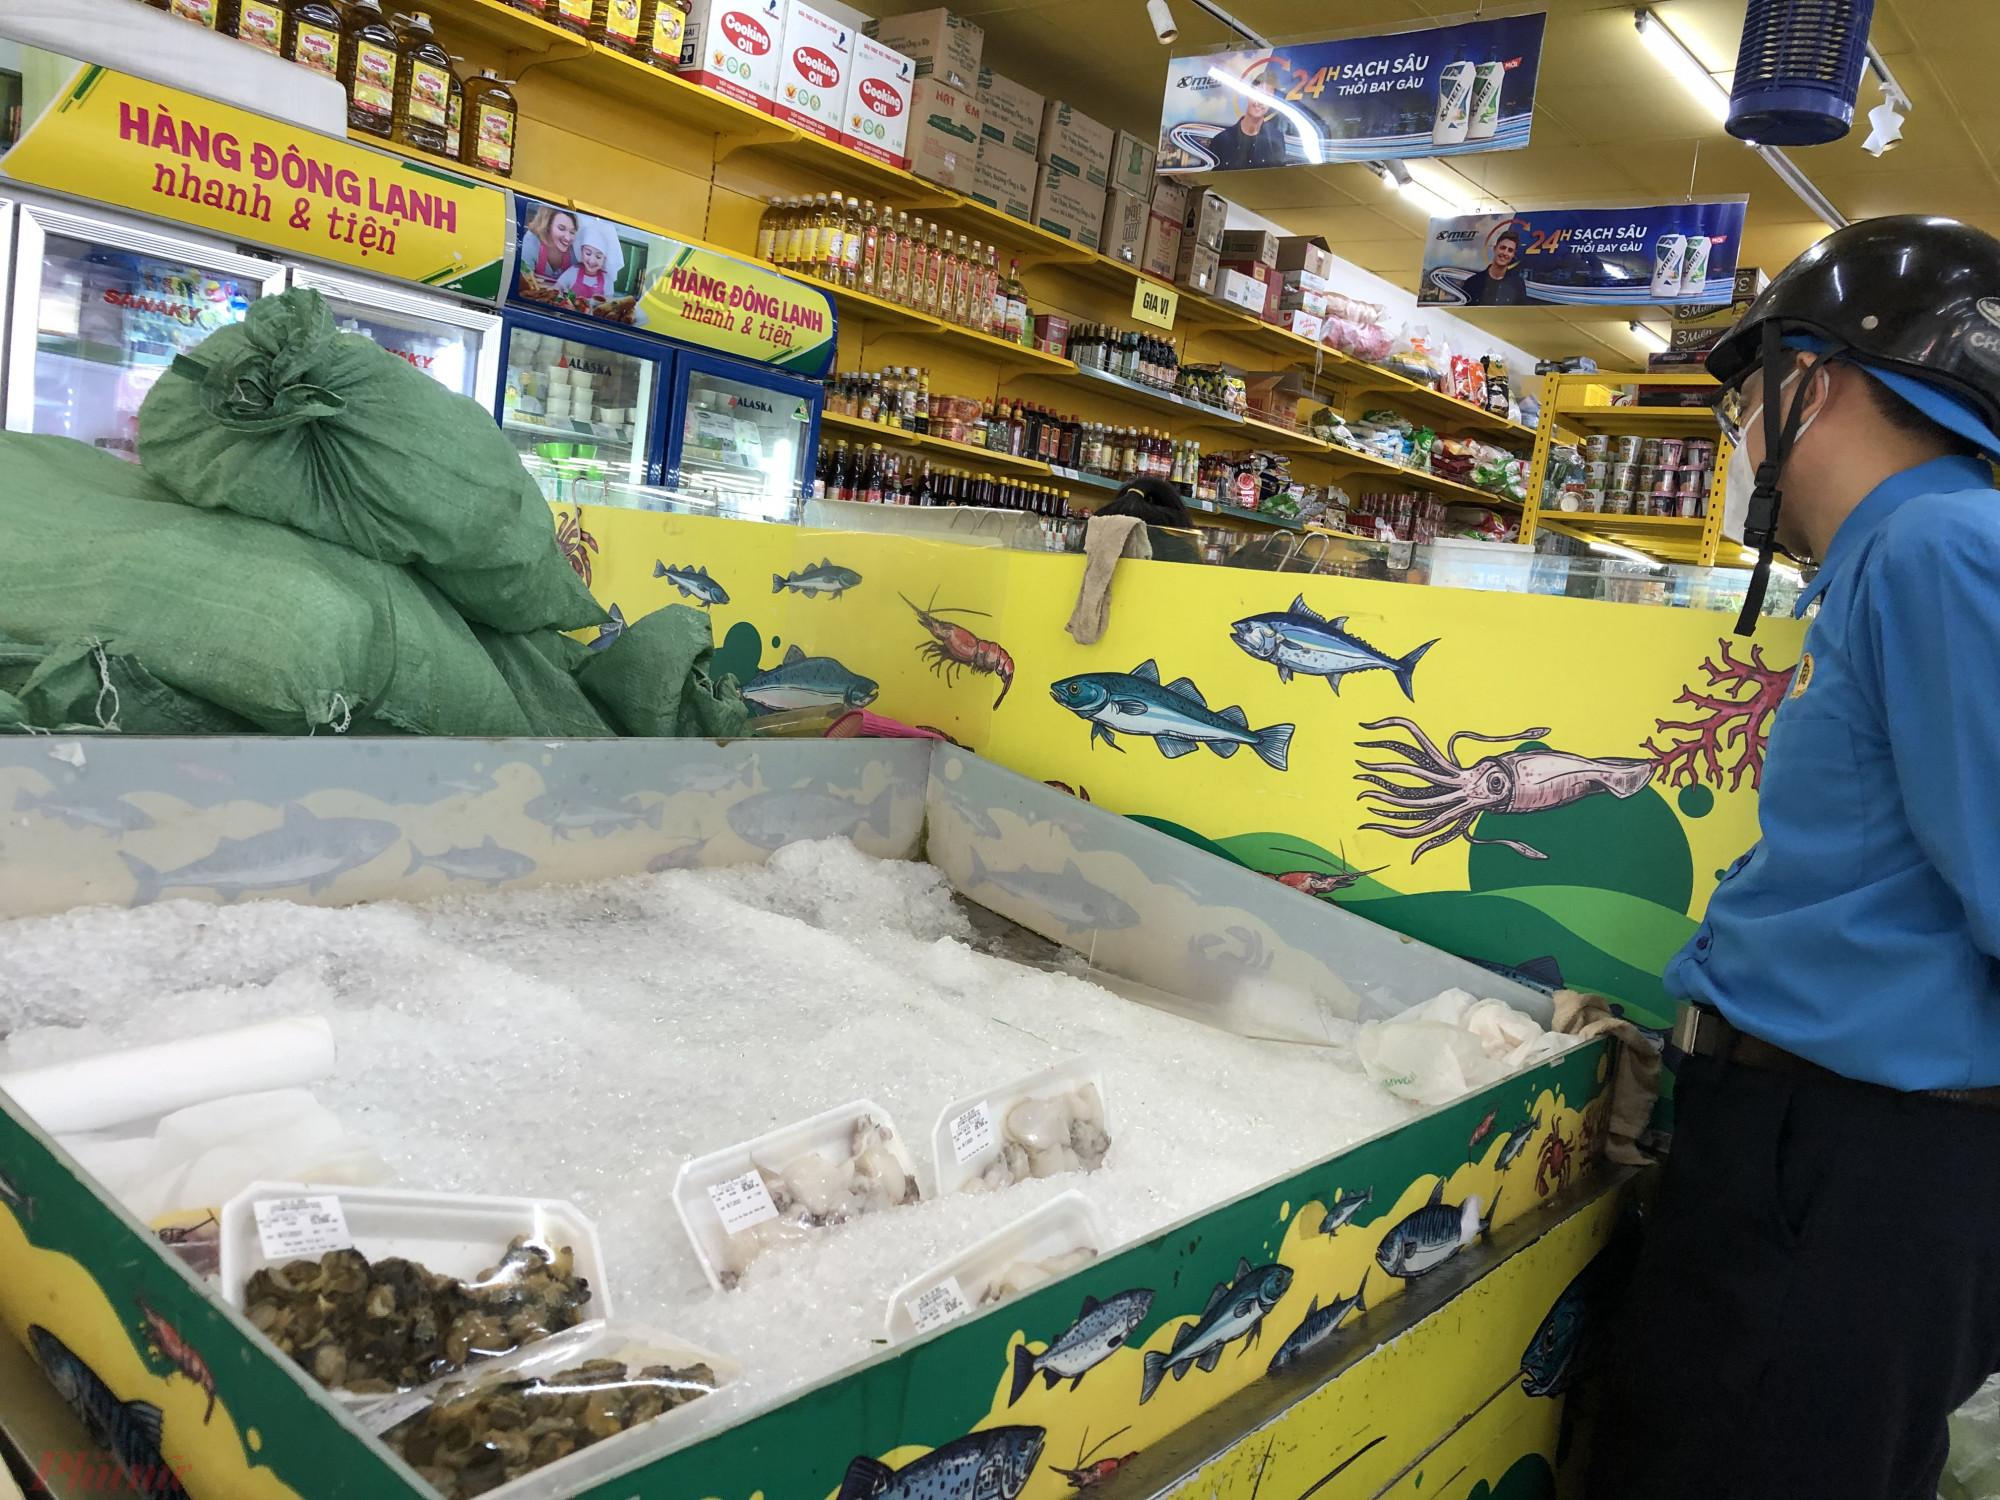 Riêng thuỷ  hải  sản  tại  Bách  Hoá  Xanh  thì  hết  sạch